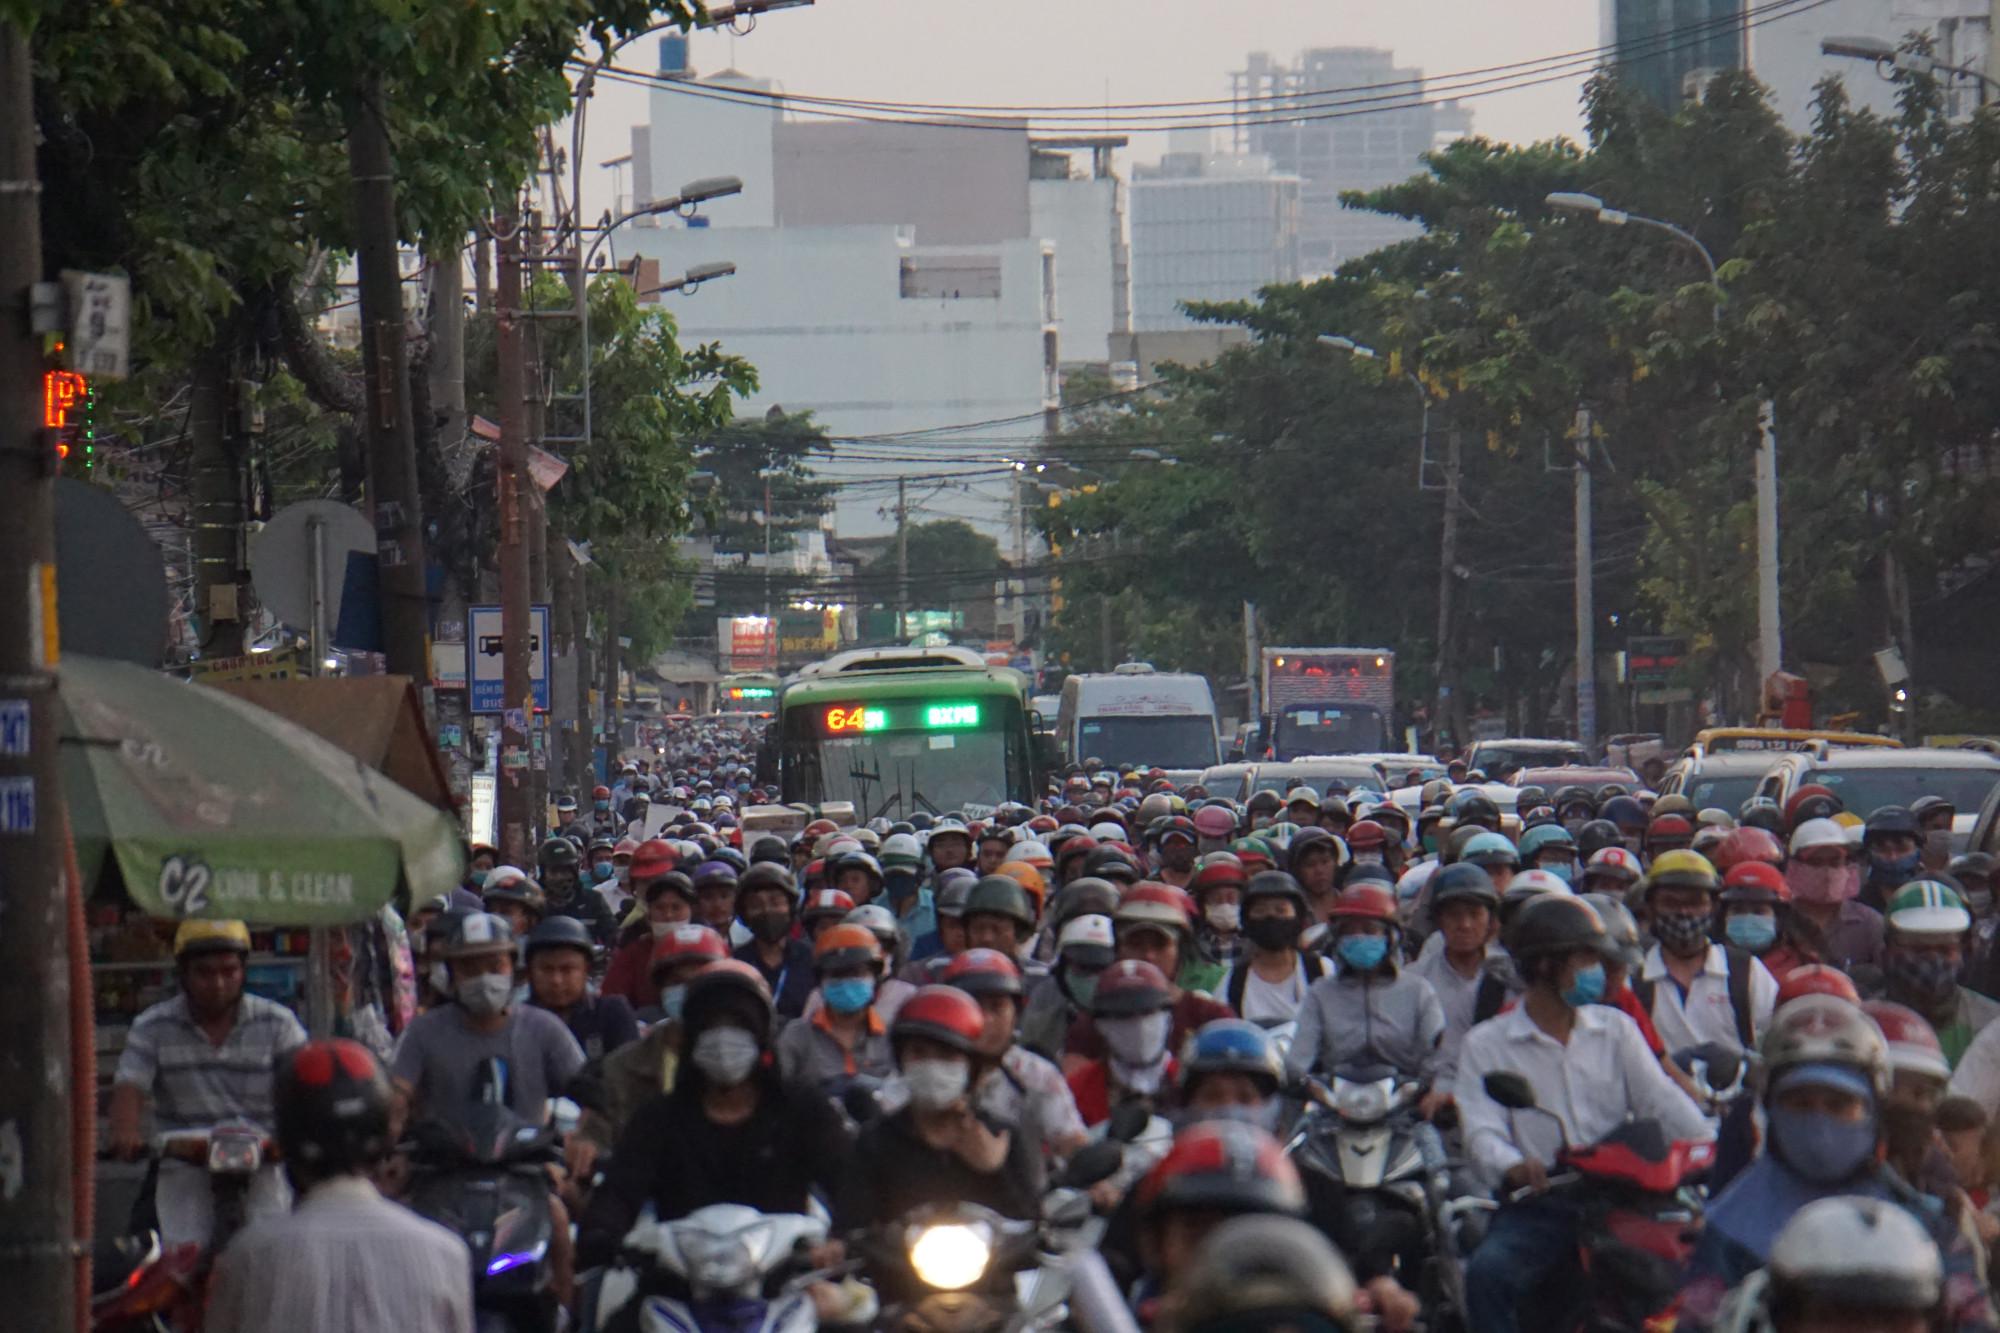 Tại cửa ngõ vào bến xe Miền Đông, dù mới chính thức bước vào cao điểm Tết Canh Tý 2020 nhưng hàng loạt tuyến đường thường xuyên rơi vào cảnh ùn tắc nghiêm trọng